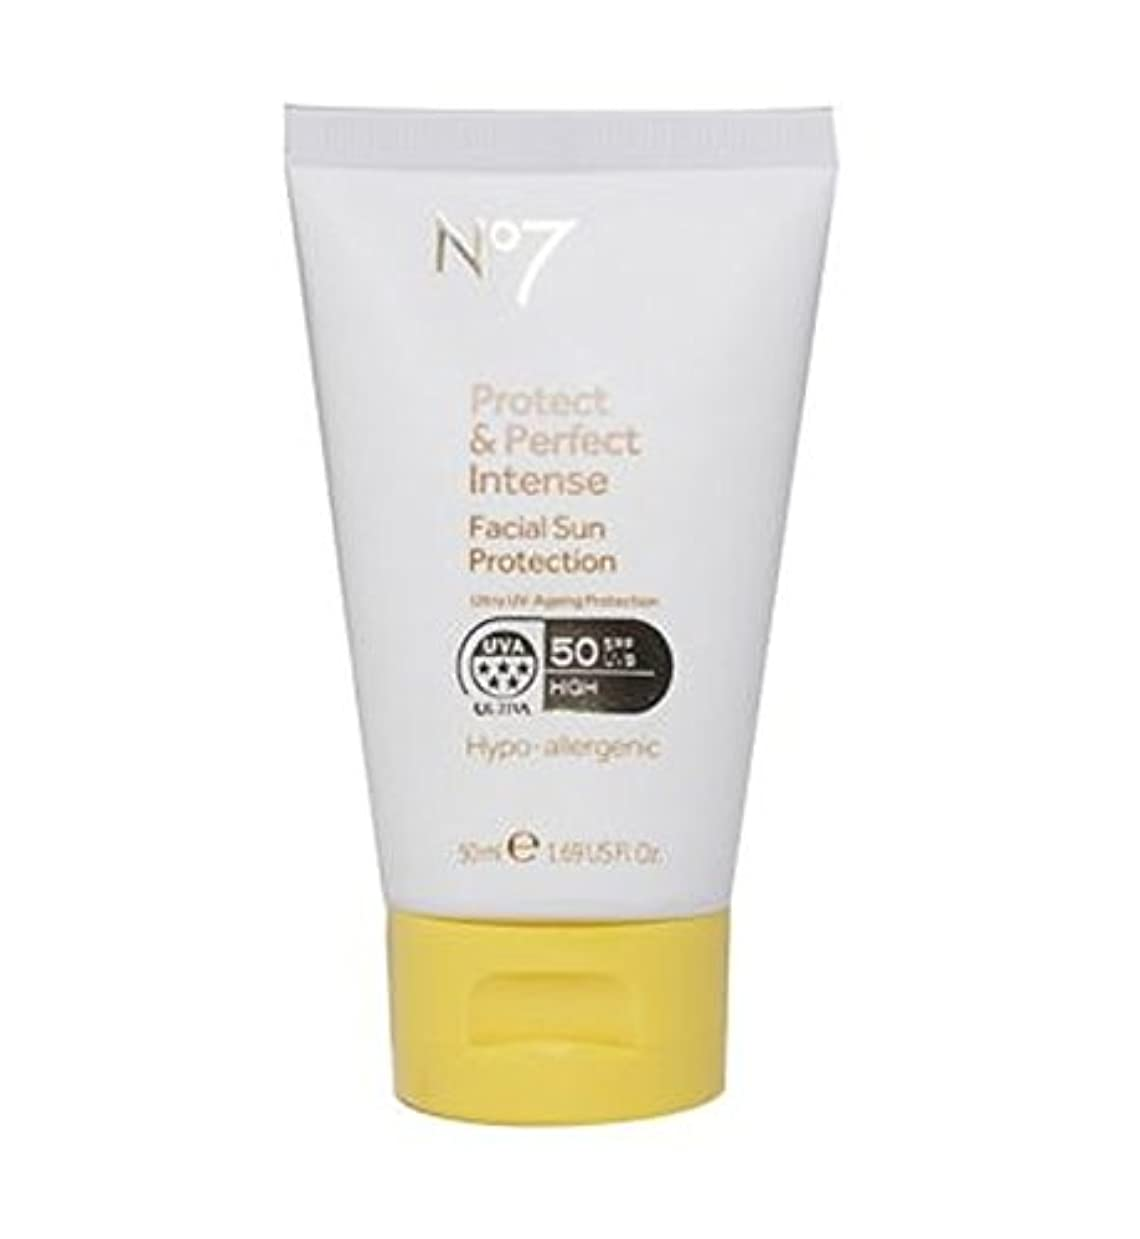 シード準備変動するNo7 Protect & Perfect Intense Facial Sun Protection SPF 50 50ml - No7保護&完璧な強烈な顔の日焼け防止Spf 50 50ミリリットル (No7) [並行輸入品]